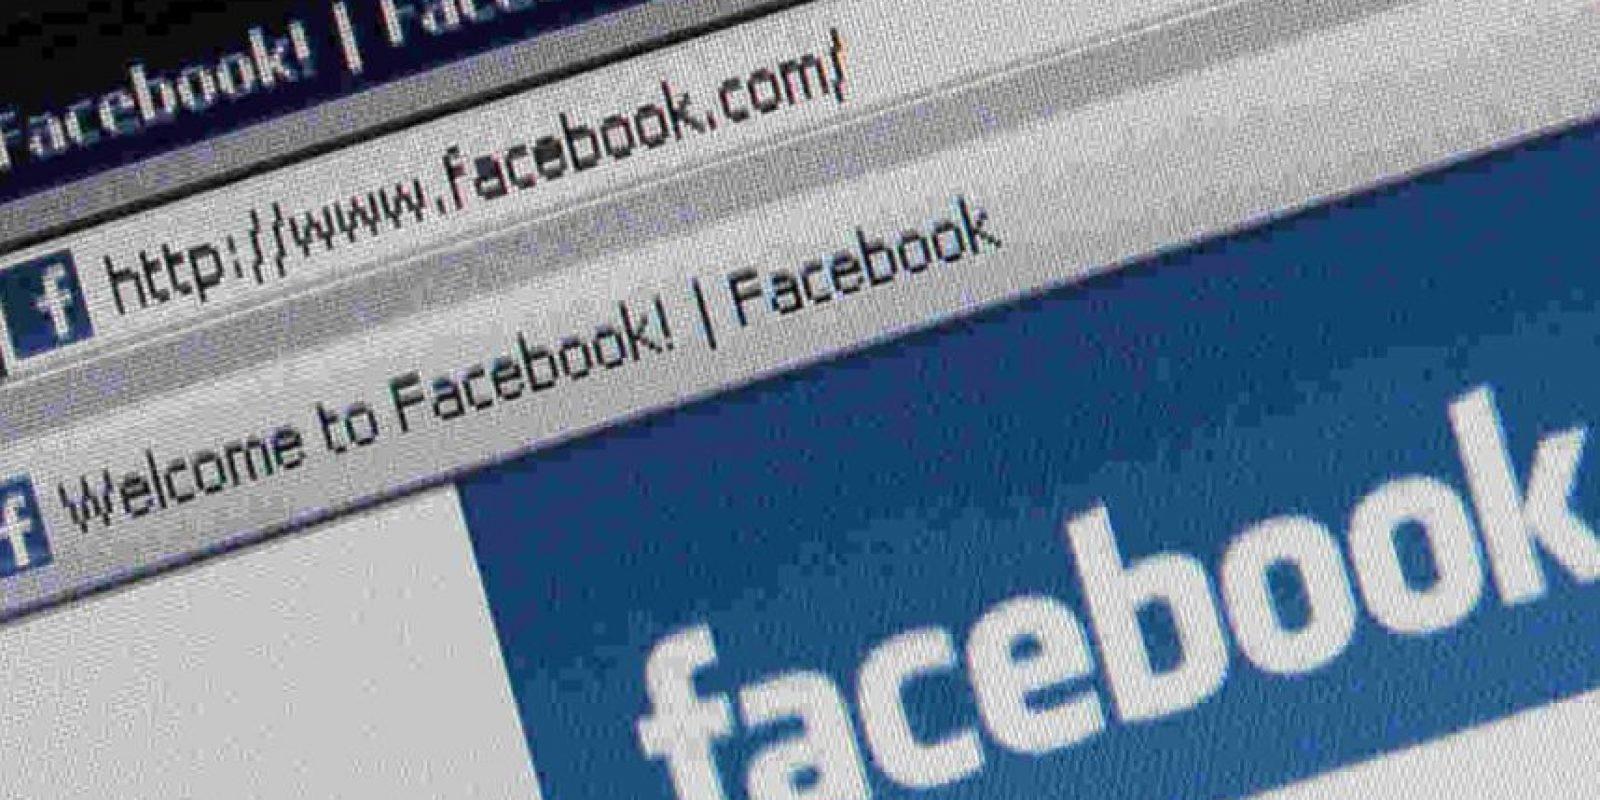 Se calcula que para el 2098, Facebook tendrá más usuarios muertos que vivos. Foto:Getty Images